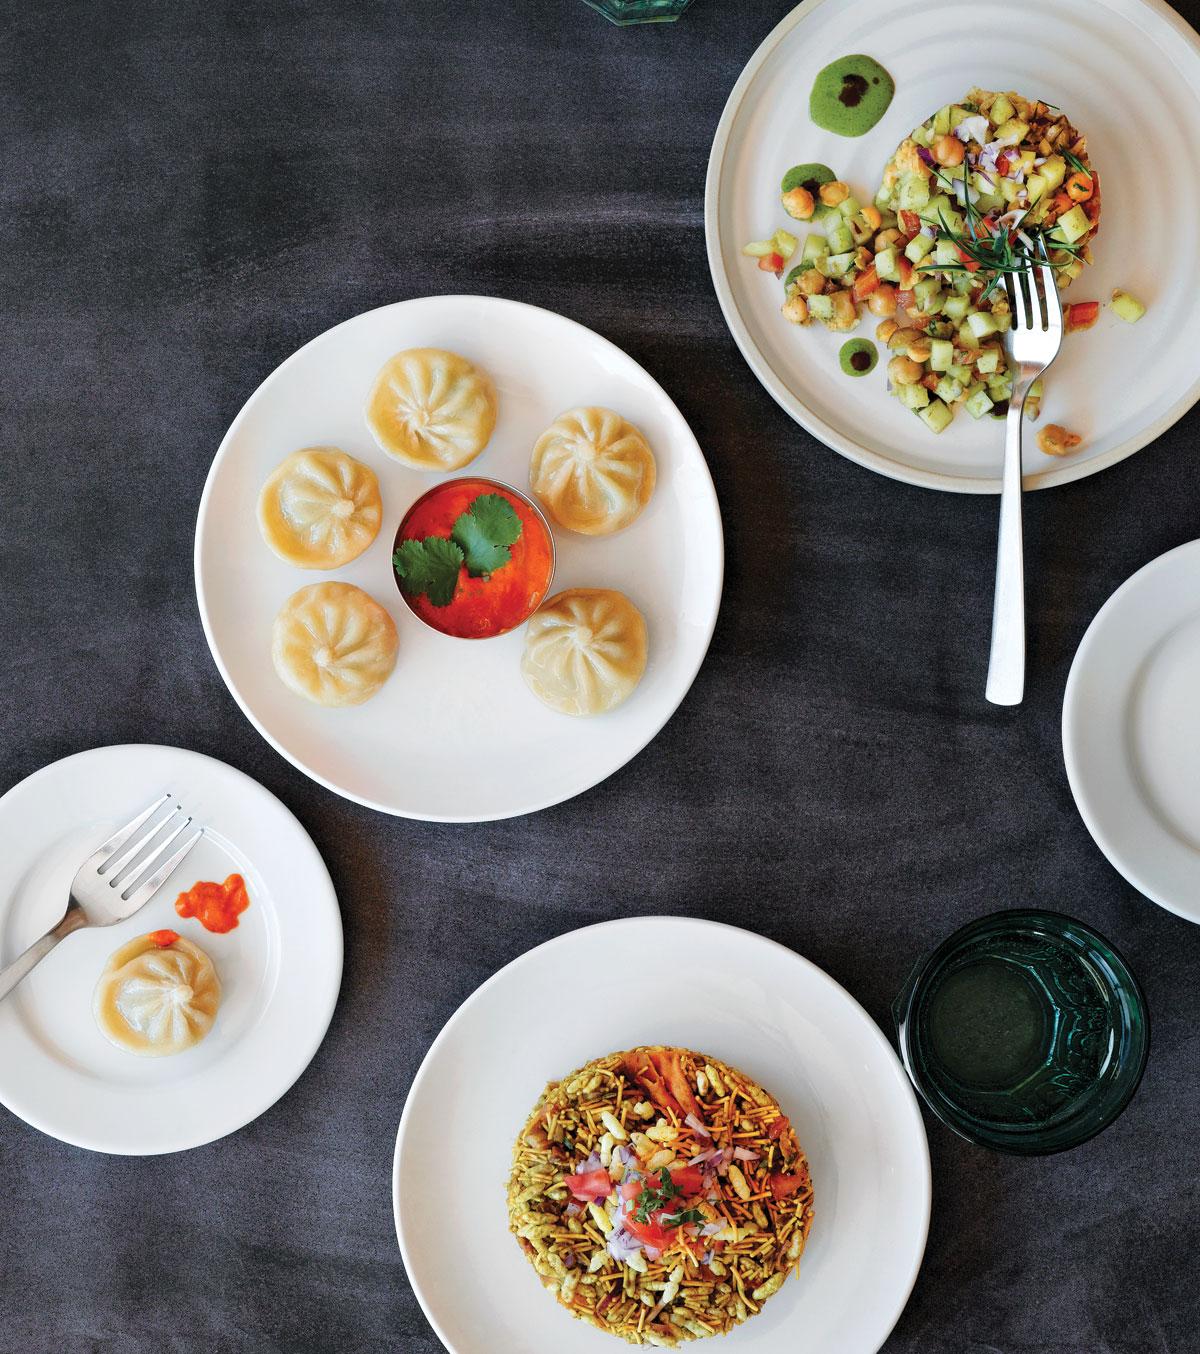 Indian food at Dabbawala Lunchbox